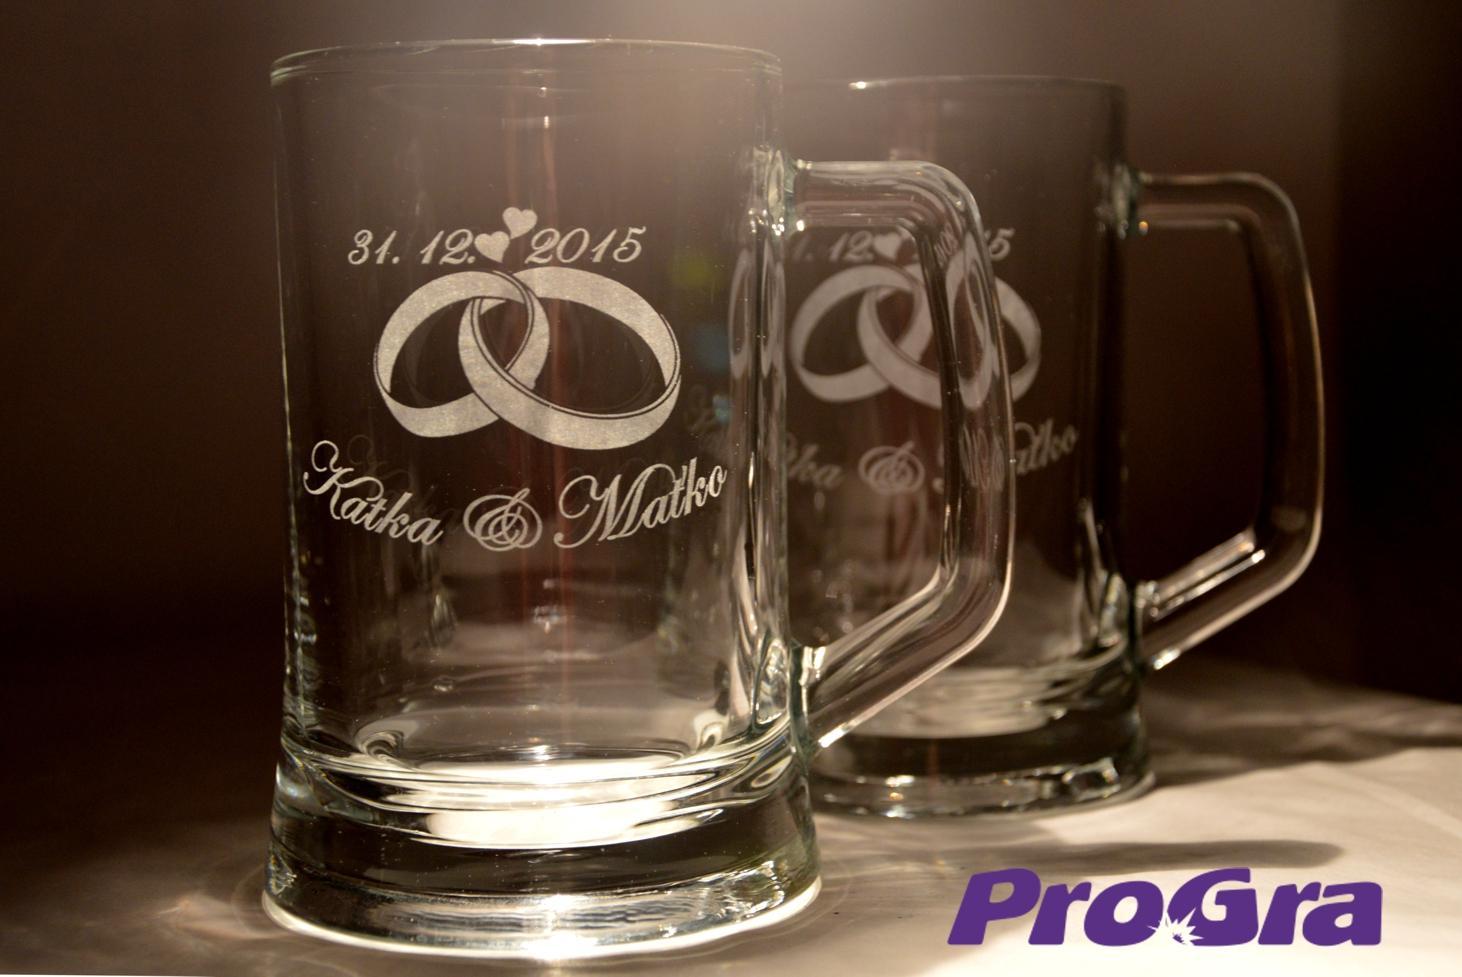 Svatební skleničky - Fiona - netradiční svatební poháry - krígle s tradičním gravírováním (grafika 22) z naší dílny